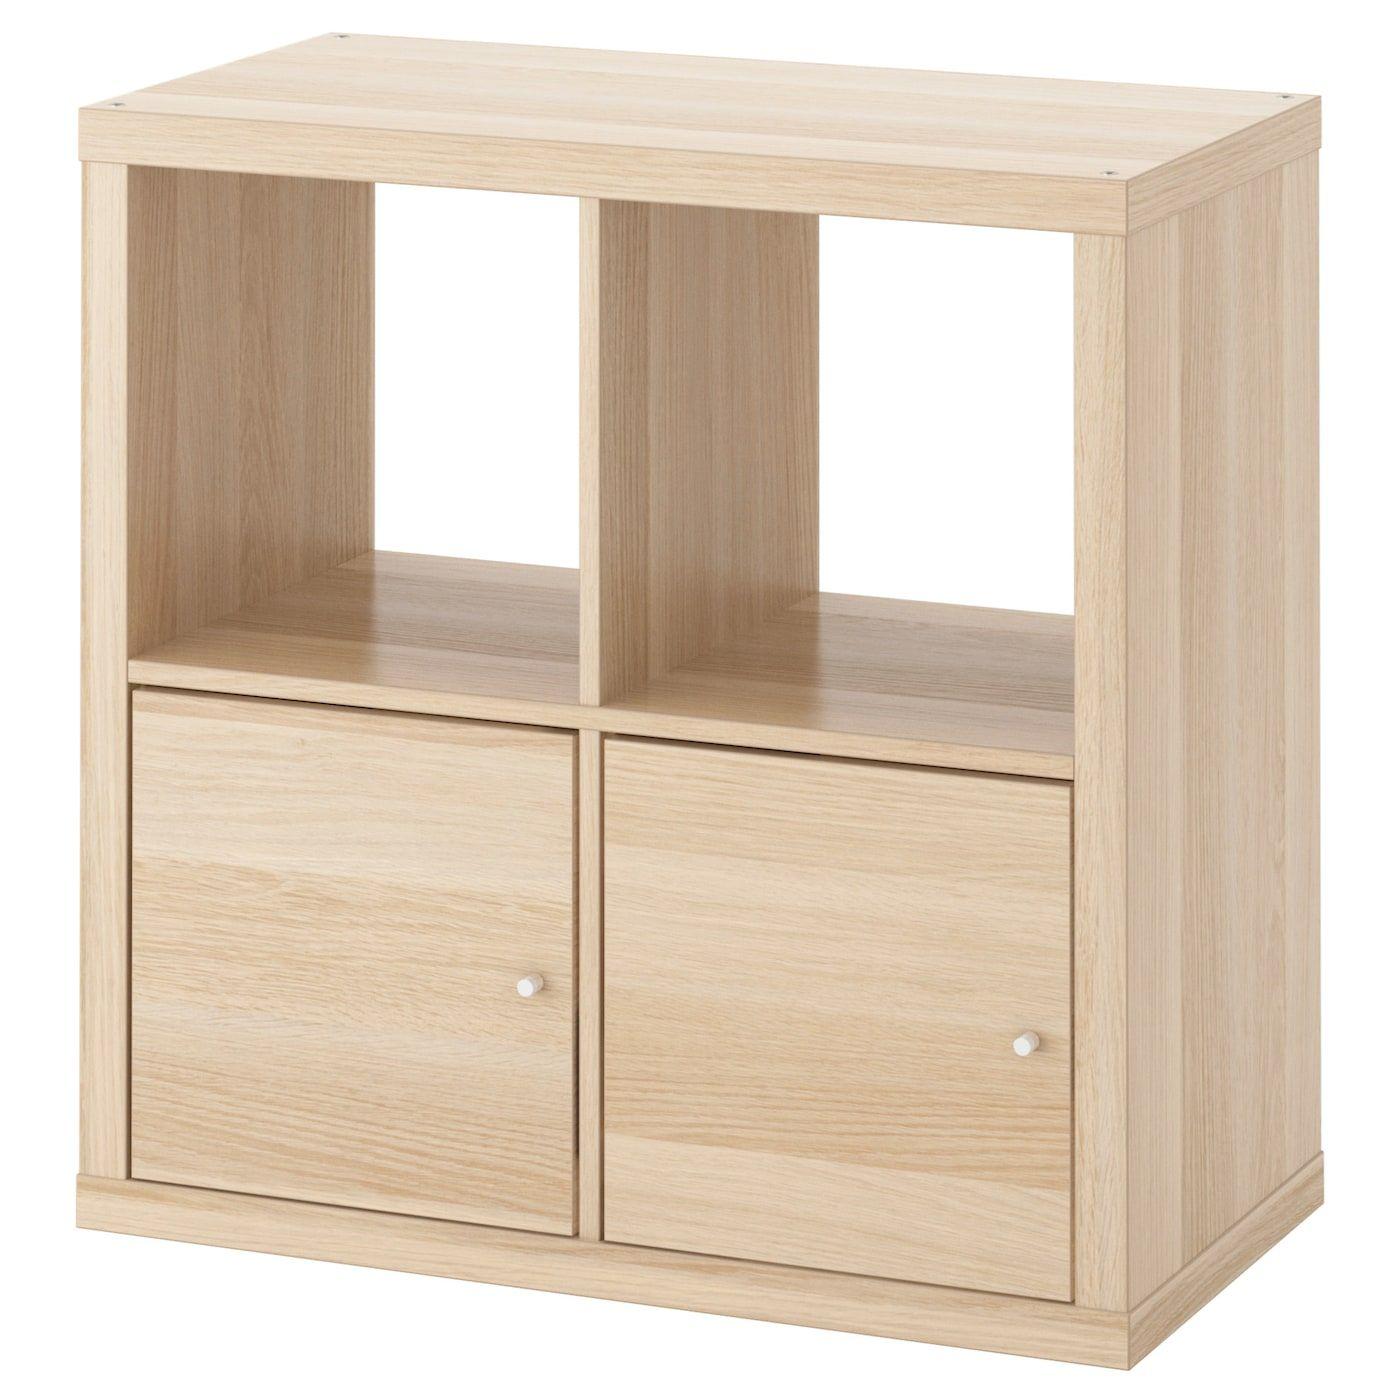 Ikea Regal Mit Turen Kallax Eicheneff Wlas Breite 77 Cm Tiefe 39 Cm Hohe 77 Cm Max Belastung Regalboden 1 In 2020 Kallax Regal Regal Mit Turen Ikea Regal